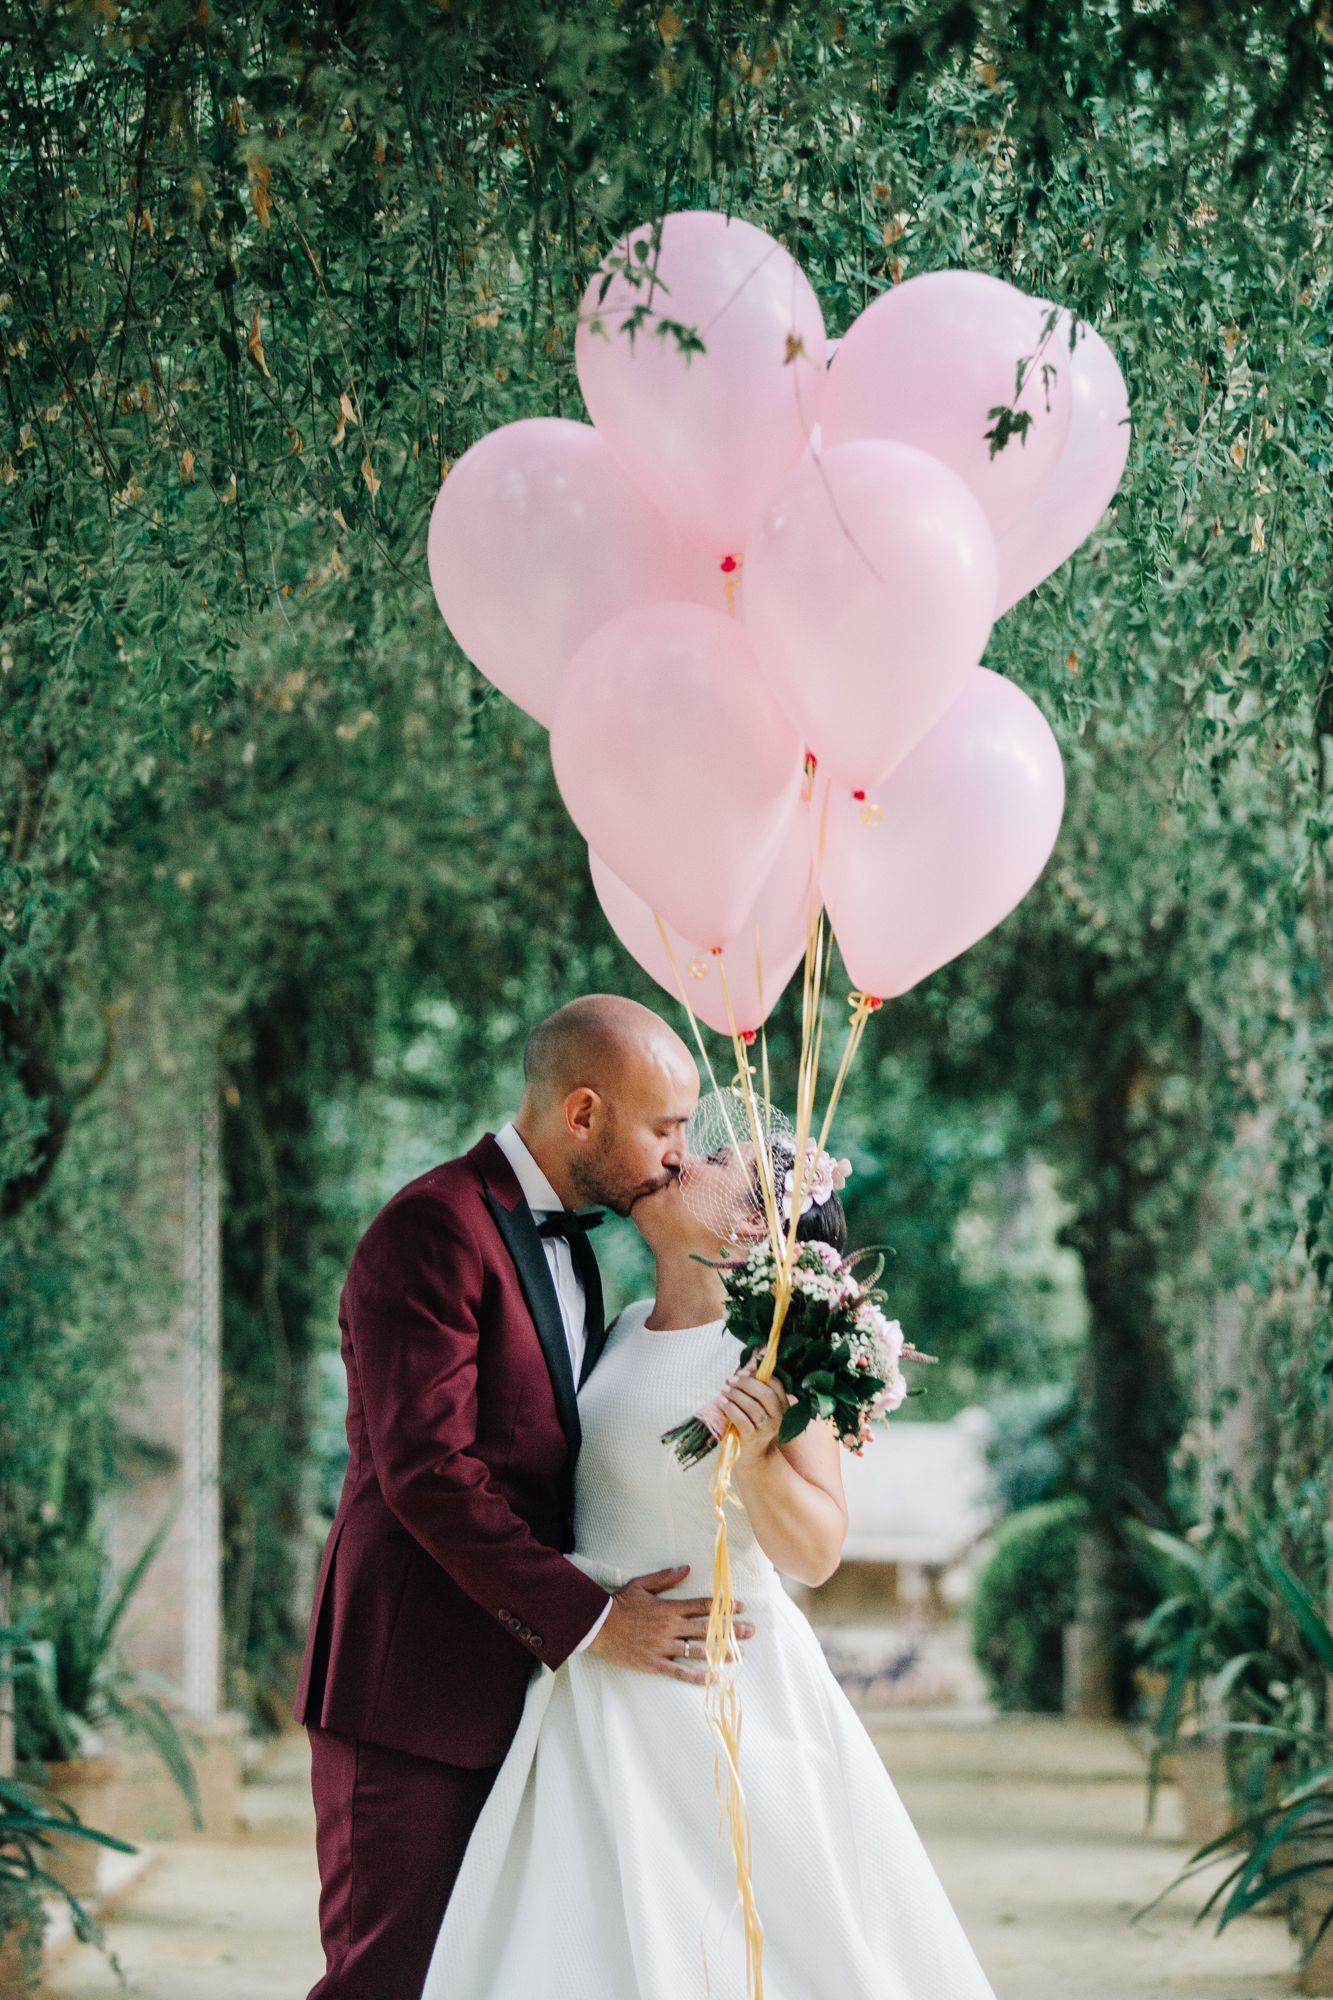 La boda de Amanda y Jorge en Villa Luisa 32